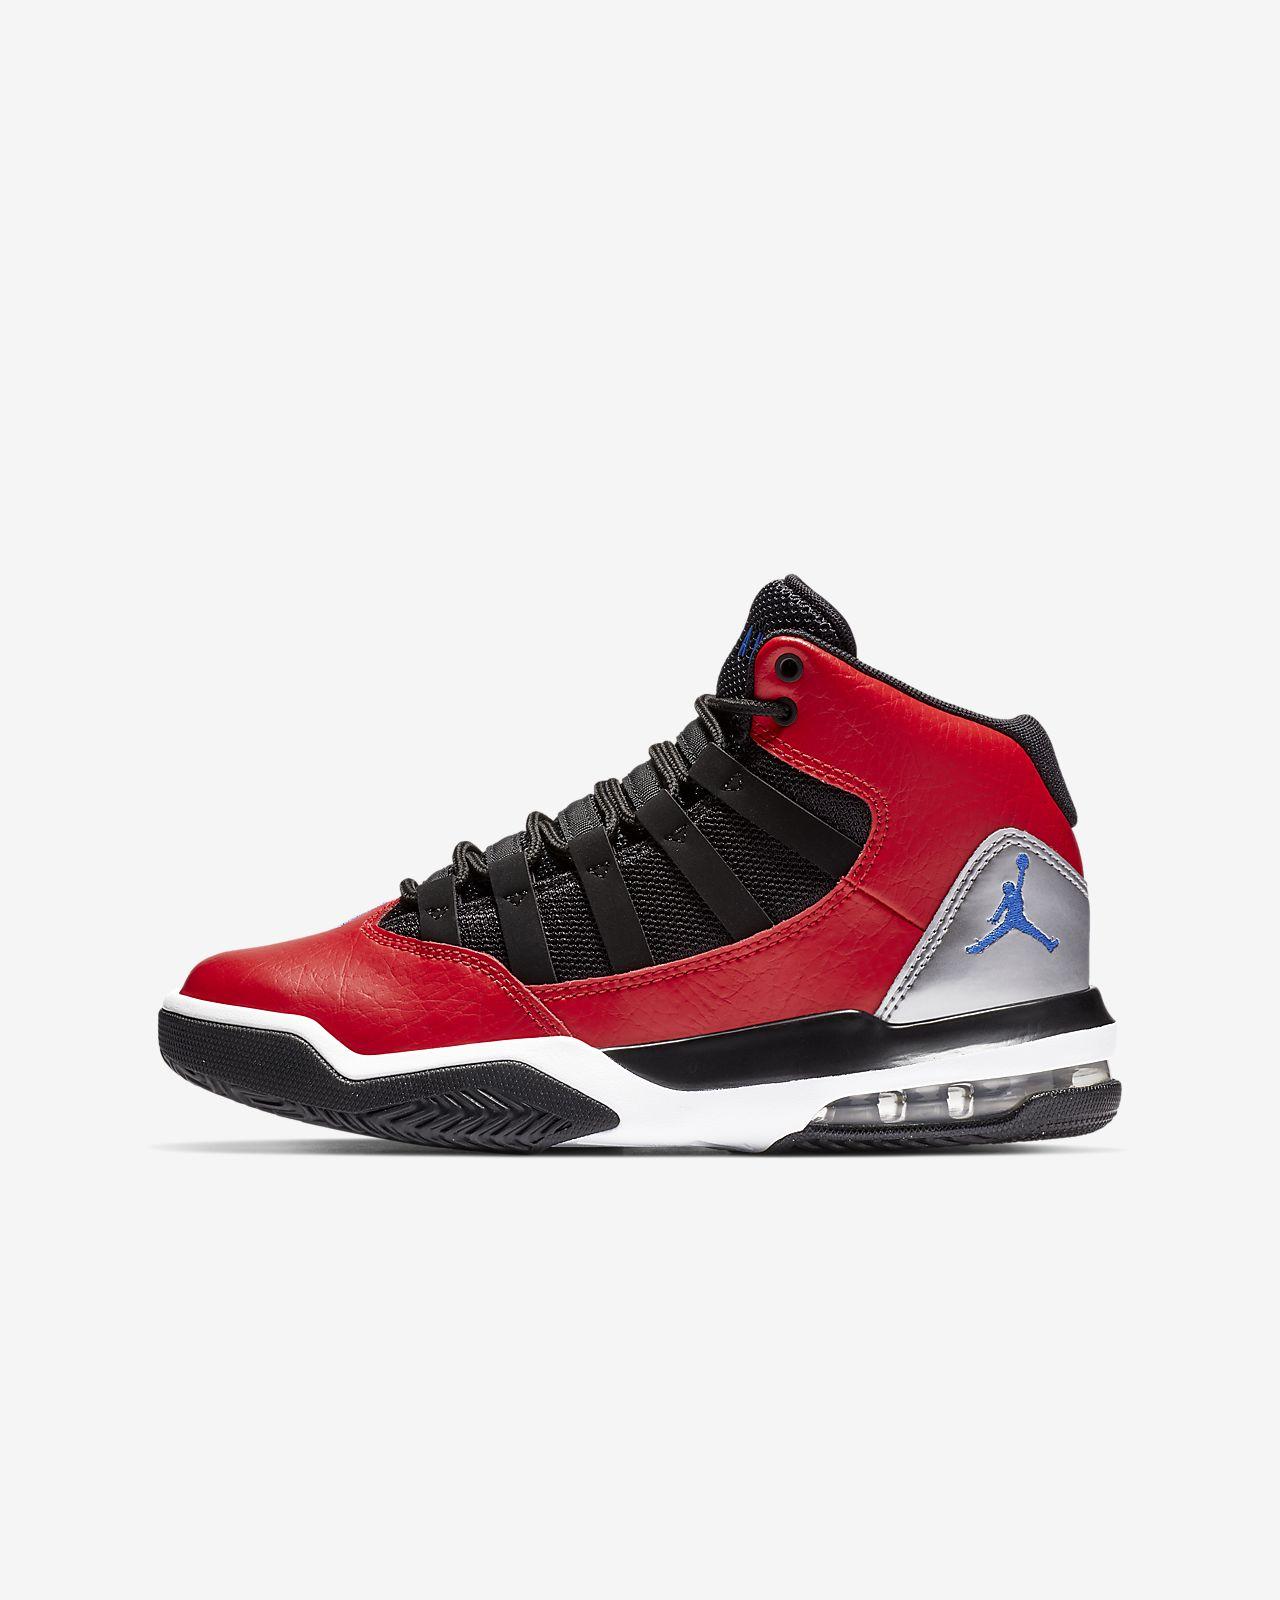 Jordan Max Aura Genç Çocuk Ayakkabısı